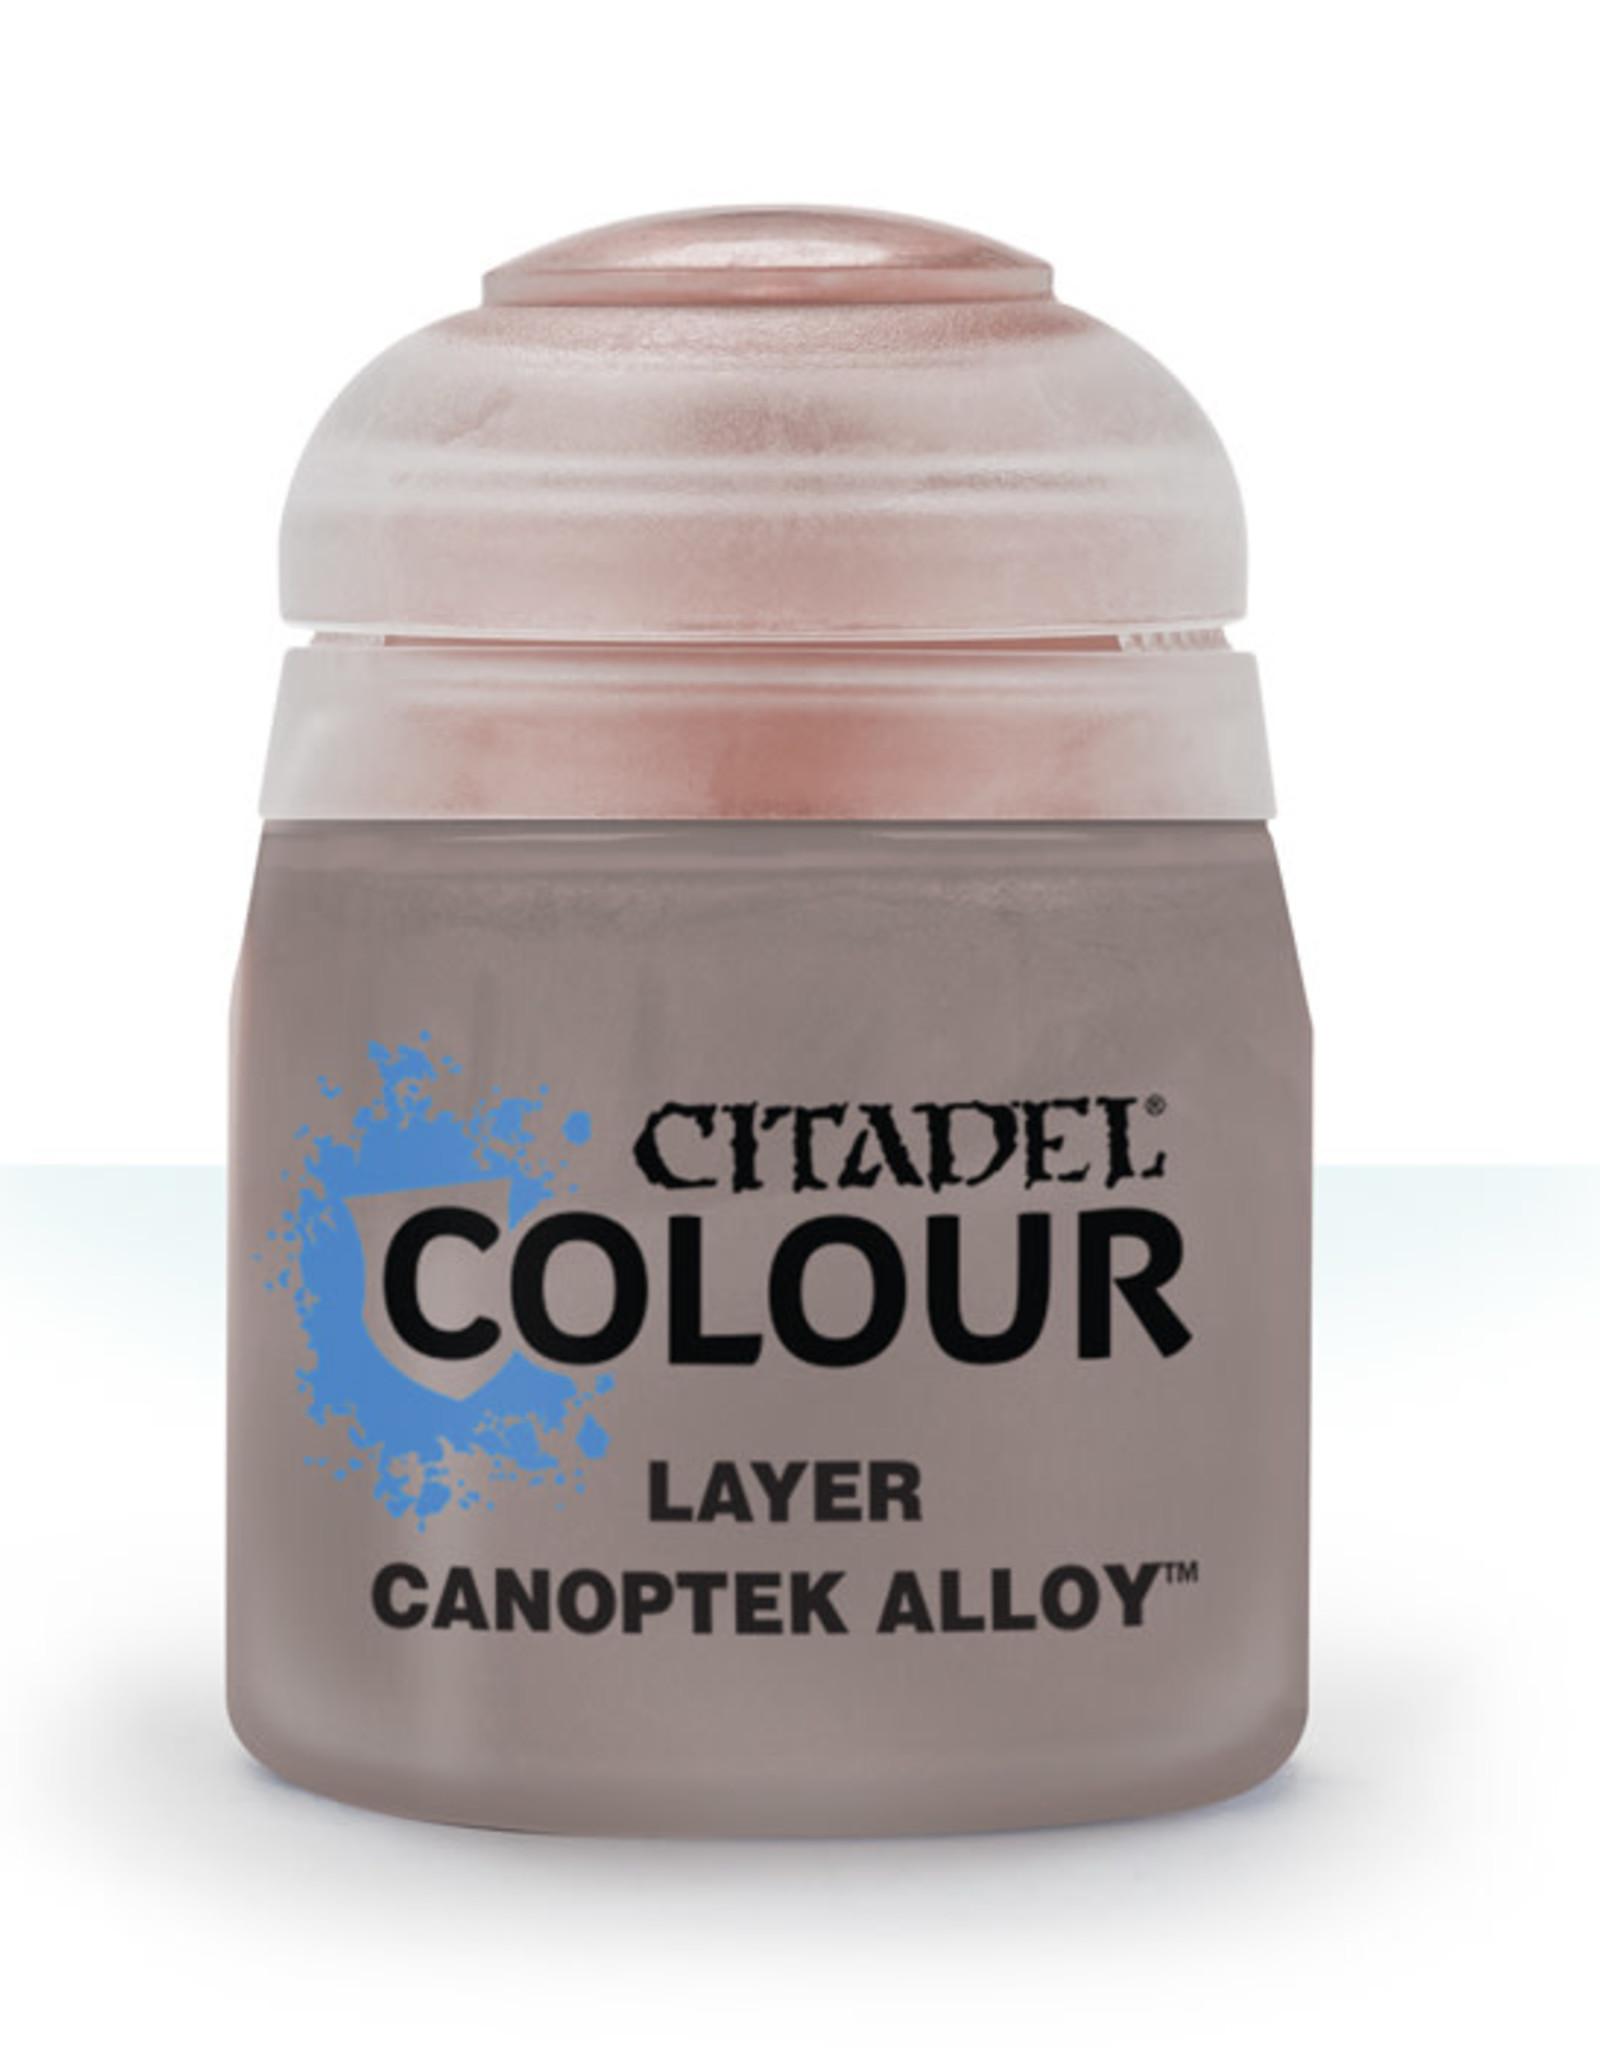 Citadel Citadel Colour: Layer - Canoptek Alloy